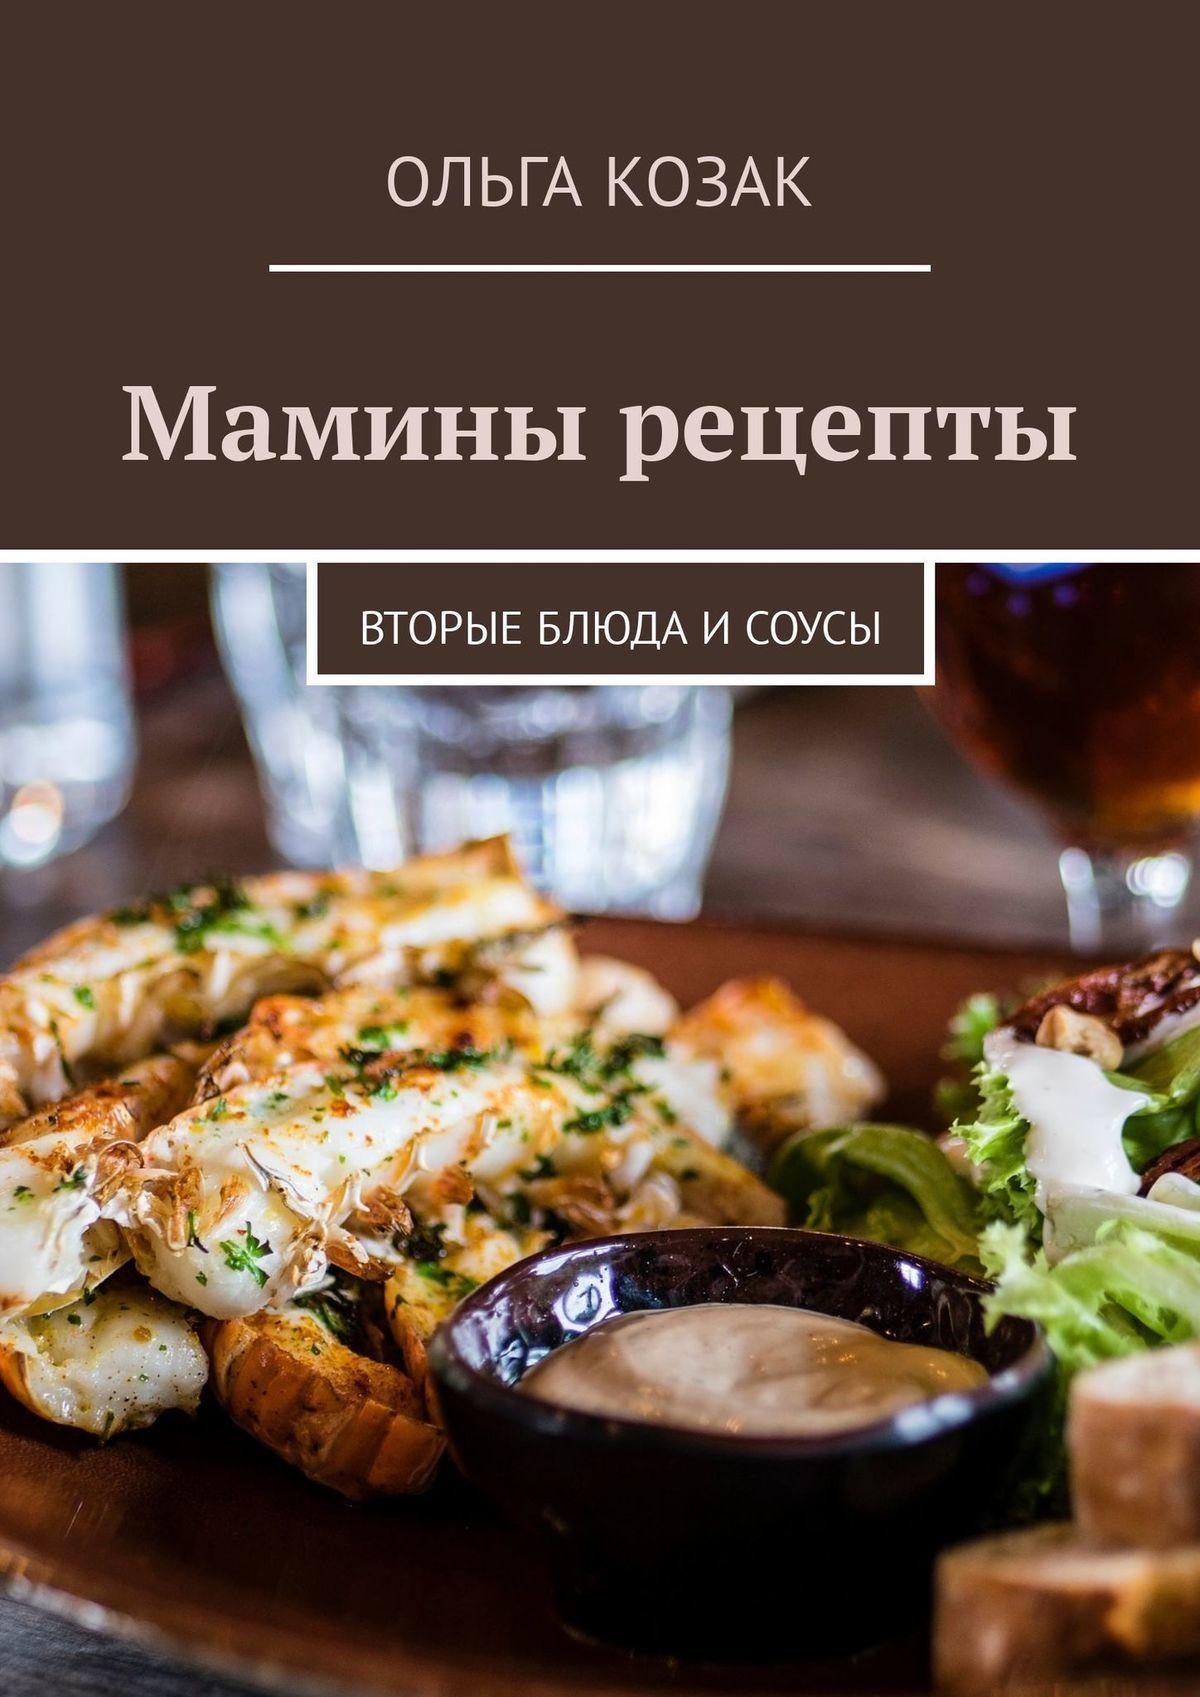 Ольга Козак - Мамины рецепты. Вторые блюда и соусы